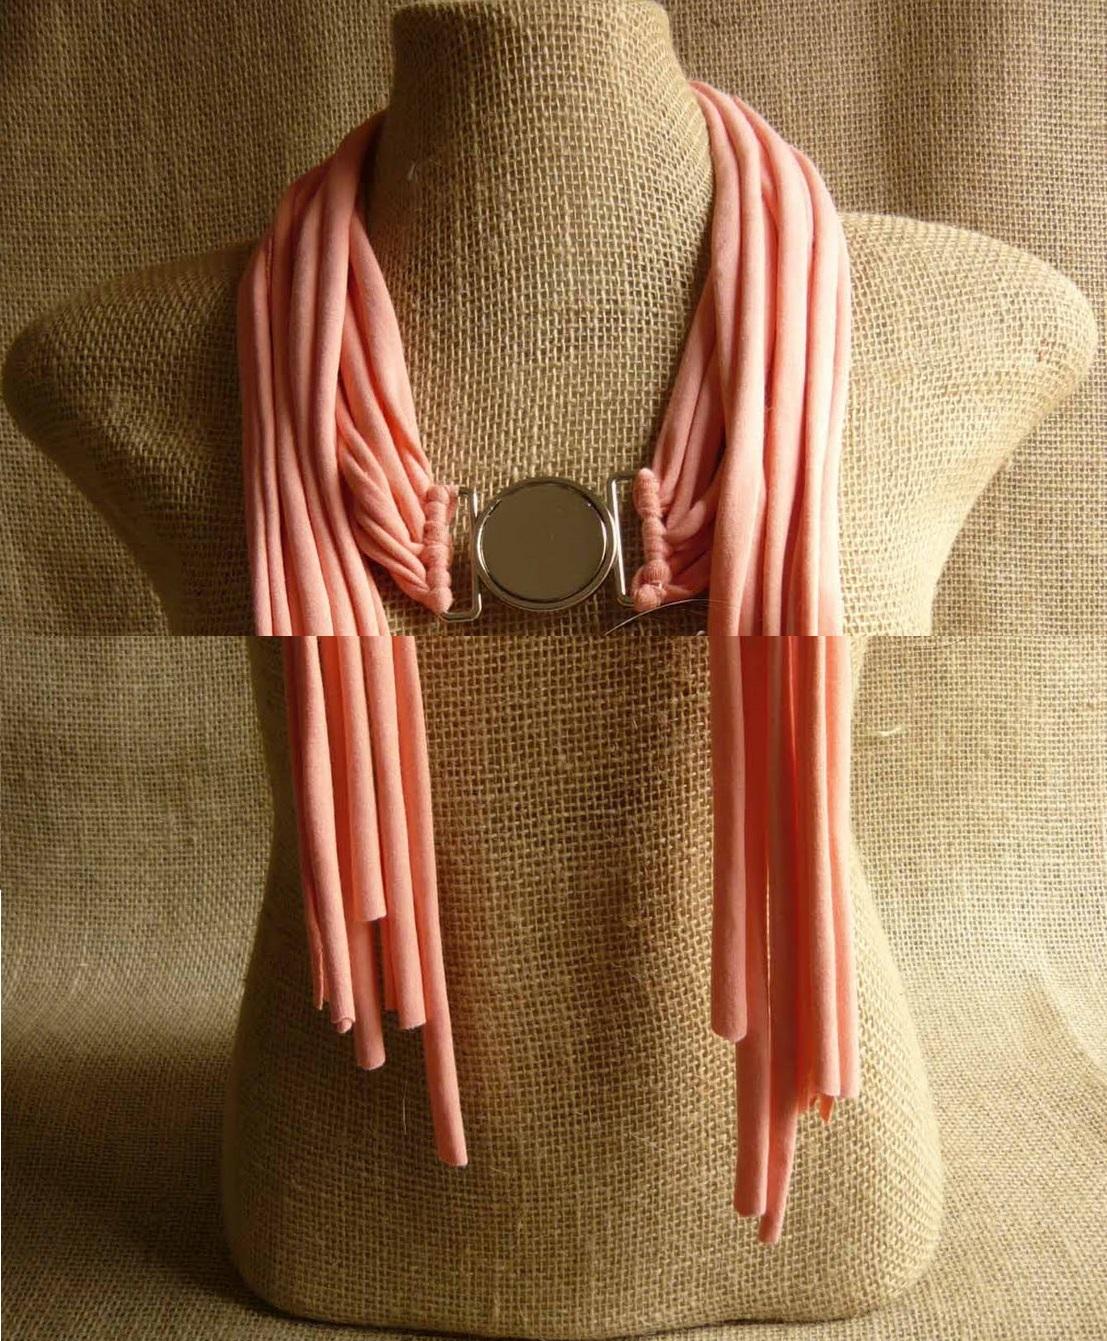 Как выглядят рукодельные подарки, интересные вашим близким: нитяные шарфы из футболок с дополнительными украшениями